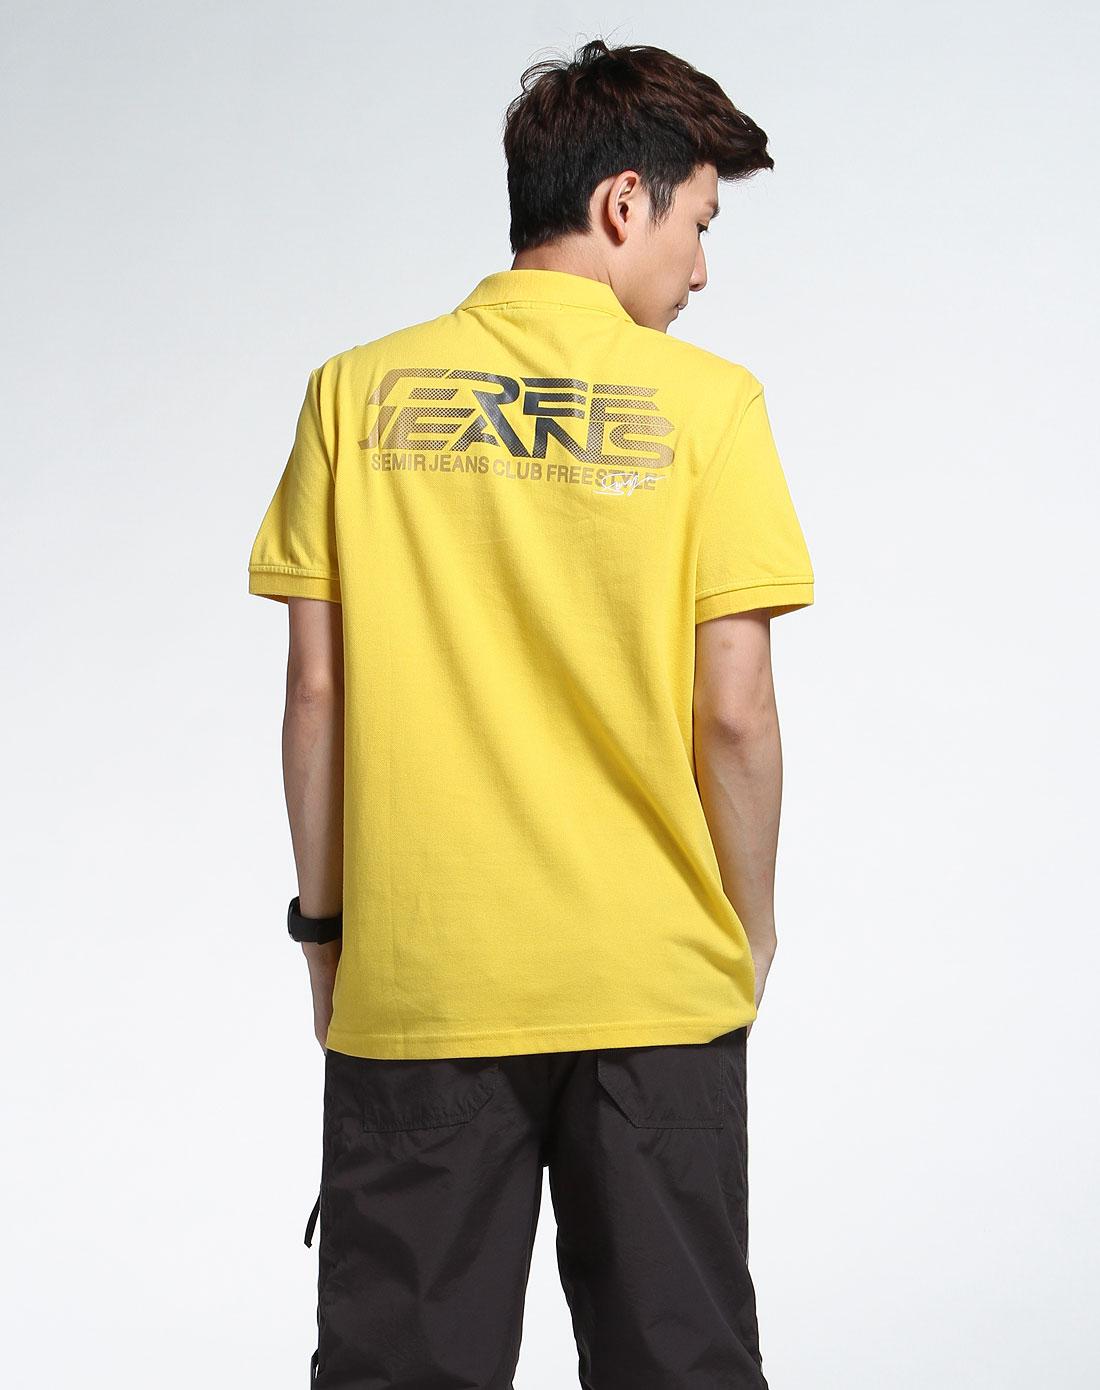 森马男装专场-黄色个性短袖t恤图片